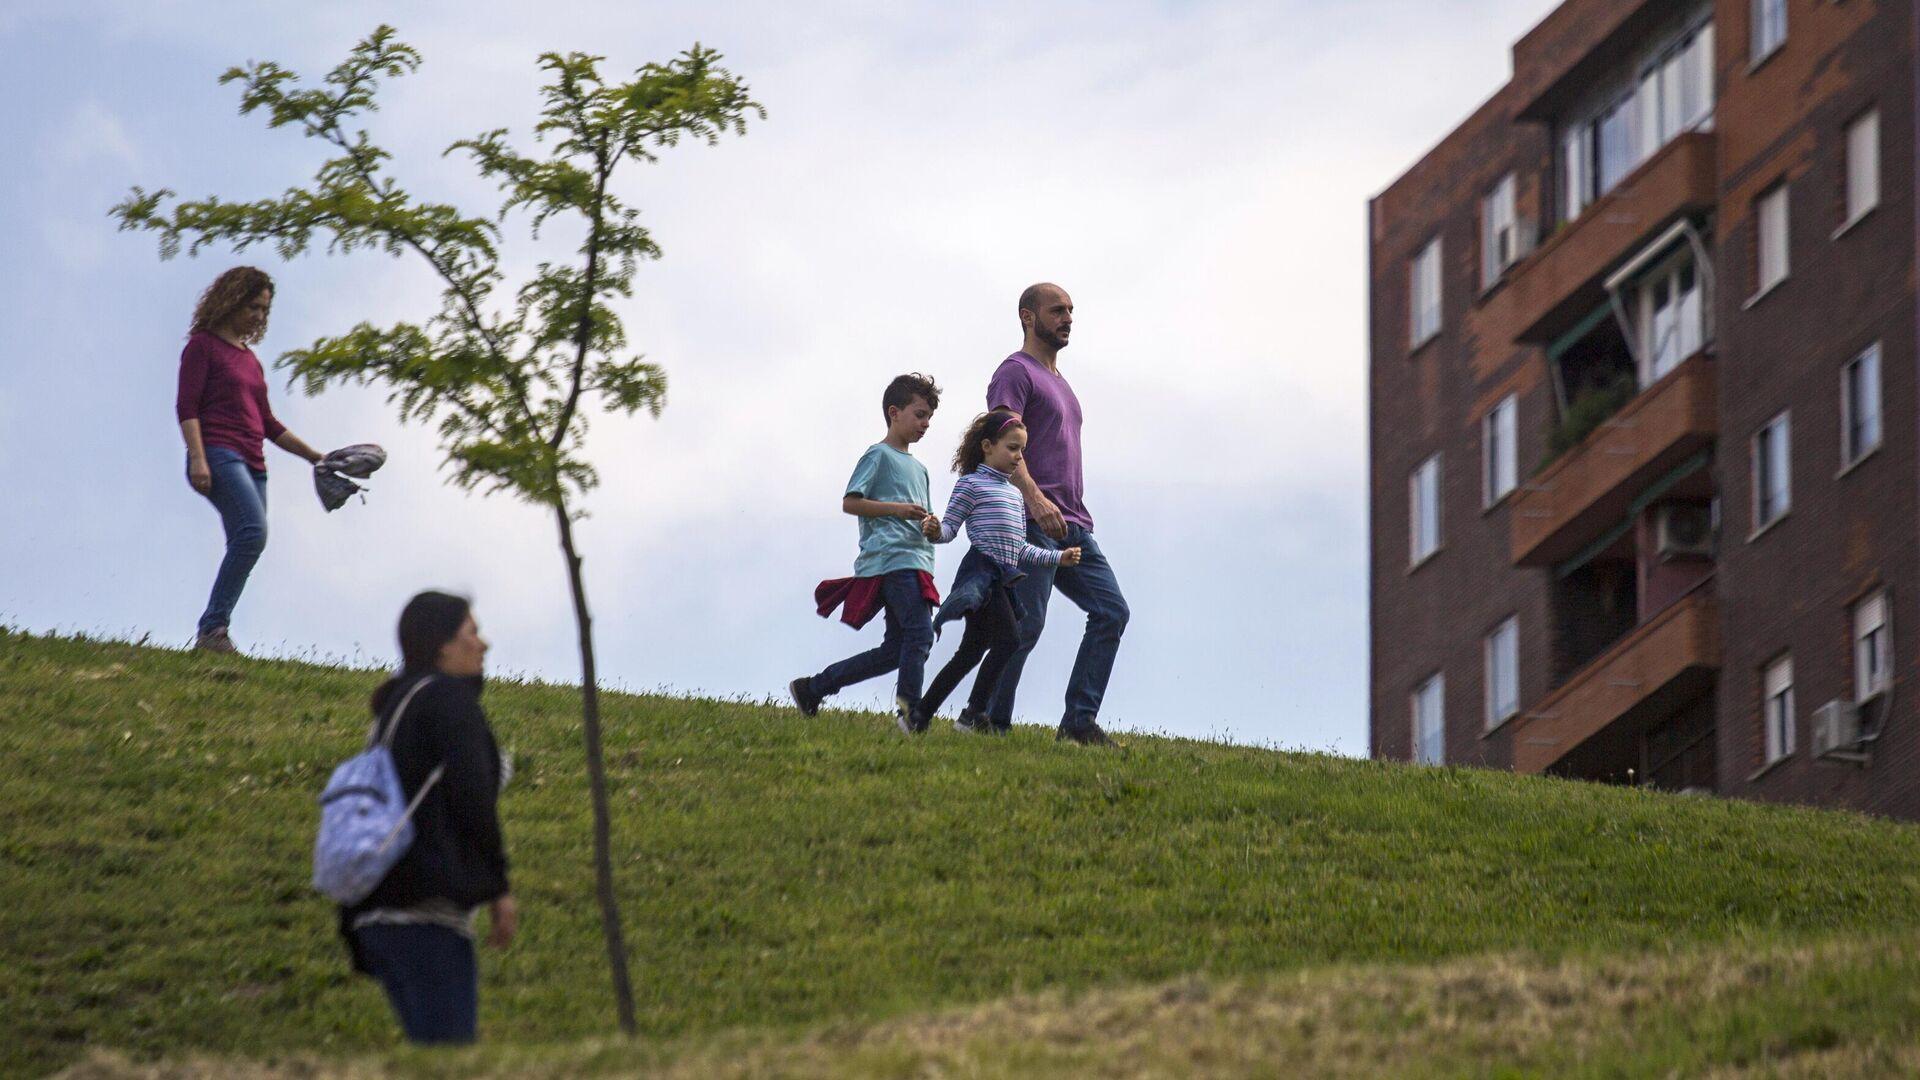 Семья гуляет в одном из парков Мадрида - РИА Новости, 1920, 09.06.2021